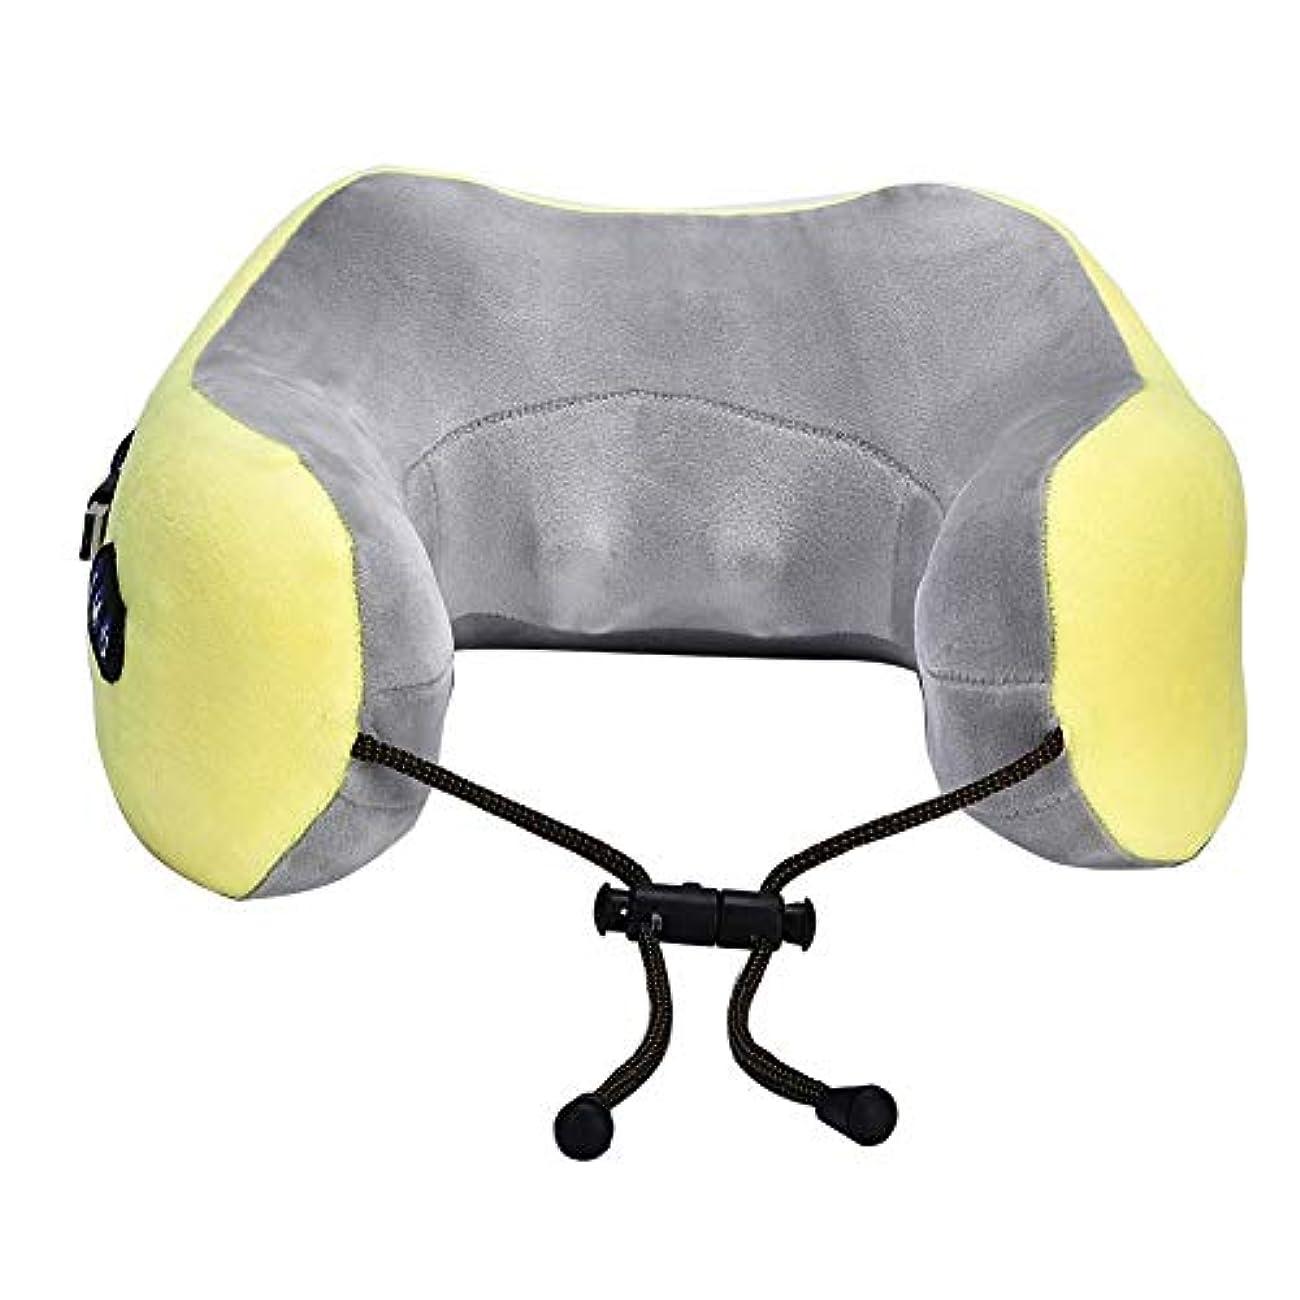 コンドーム極端な旅行代理店首?マッサージャー、深いレベルの首のマッサージャー男性/女性/ママ/お父さんのための最高の贈り物のために存在 - 首、背中、肩、ウエスト、脚、足と筋肉のための深い混練マッサージ